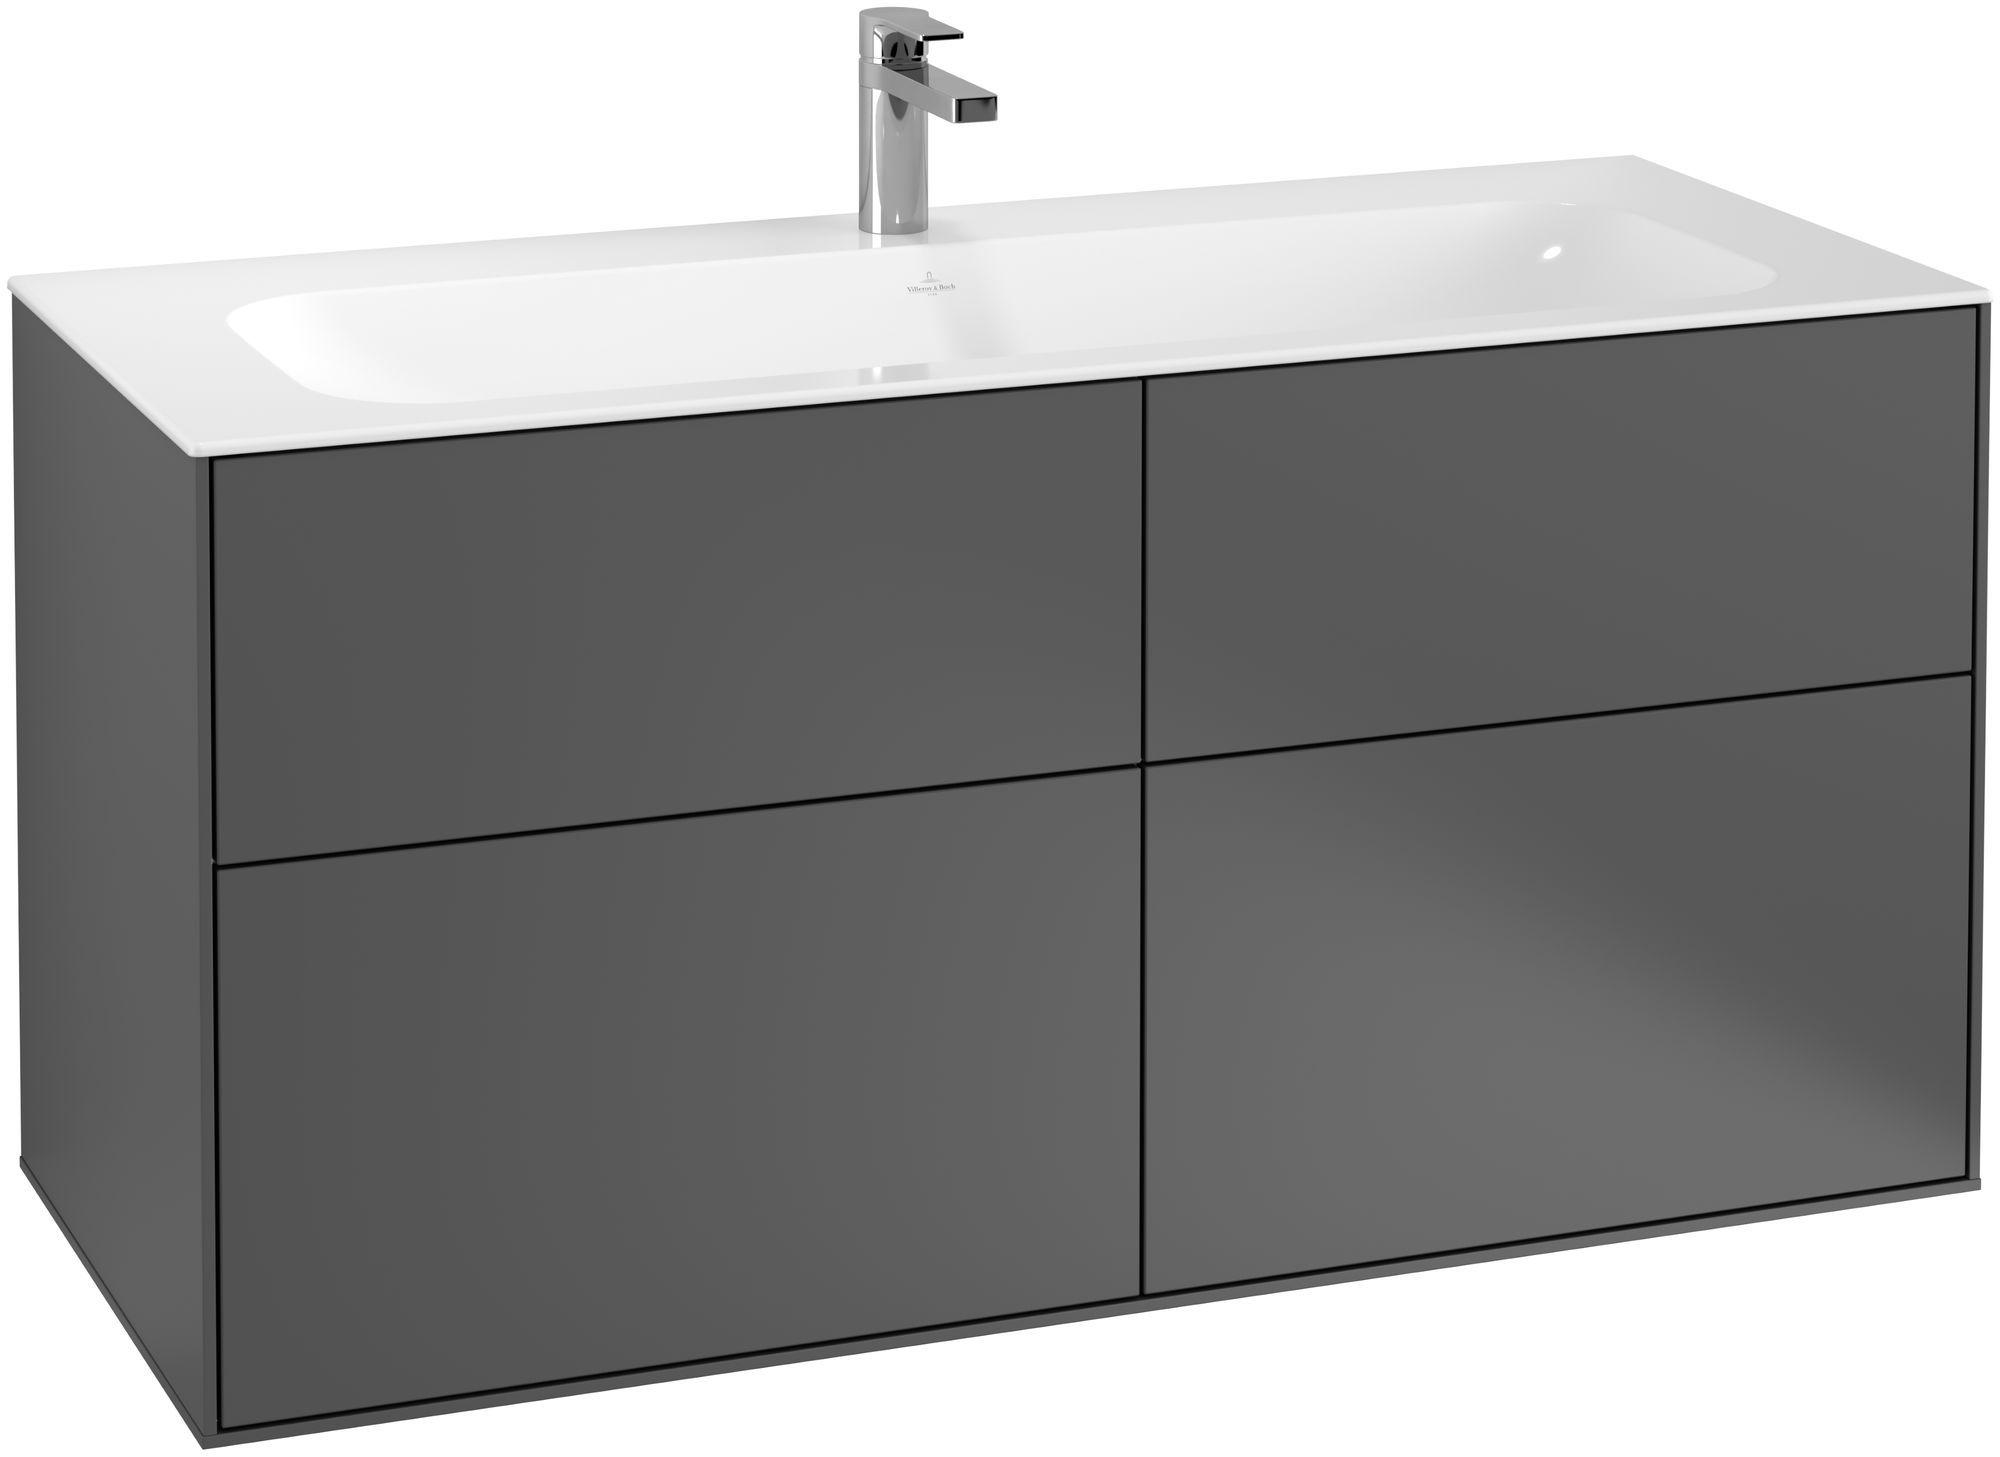 Villeroy & Boch Finion G05 Waschtischunterschrank 4 Auszüge LED-Beleuchtung B:119,6xH:59,1xT:49,8cm Front, Korpus: Anthracite Matt G05000GK